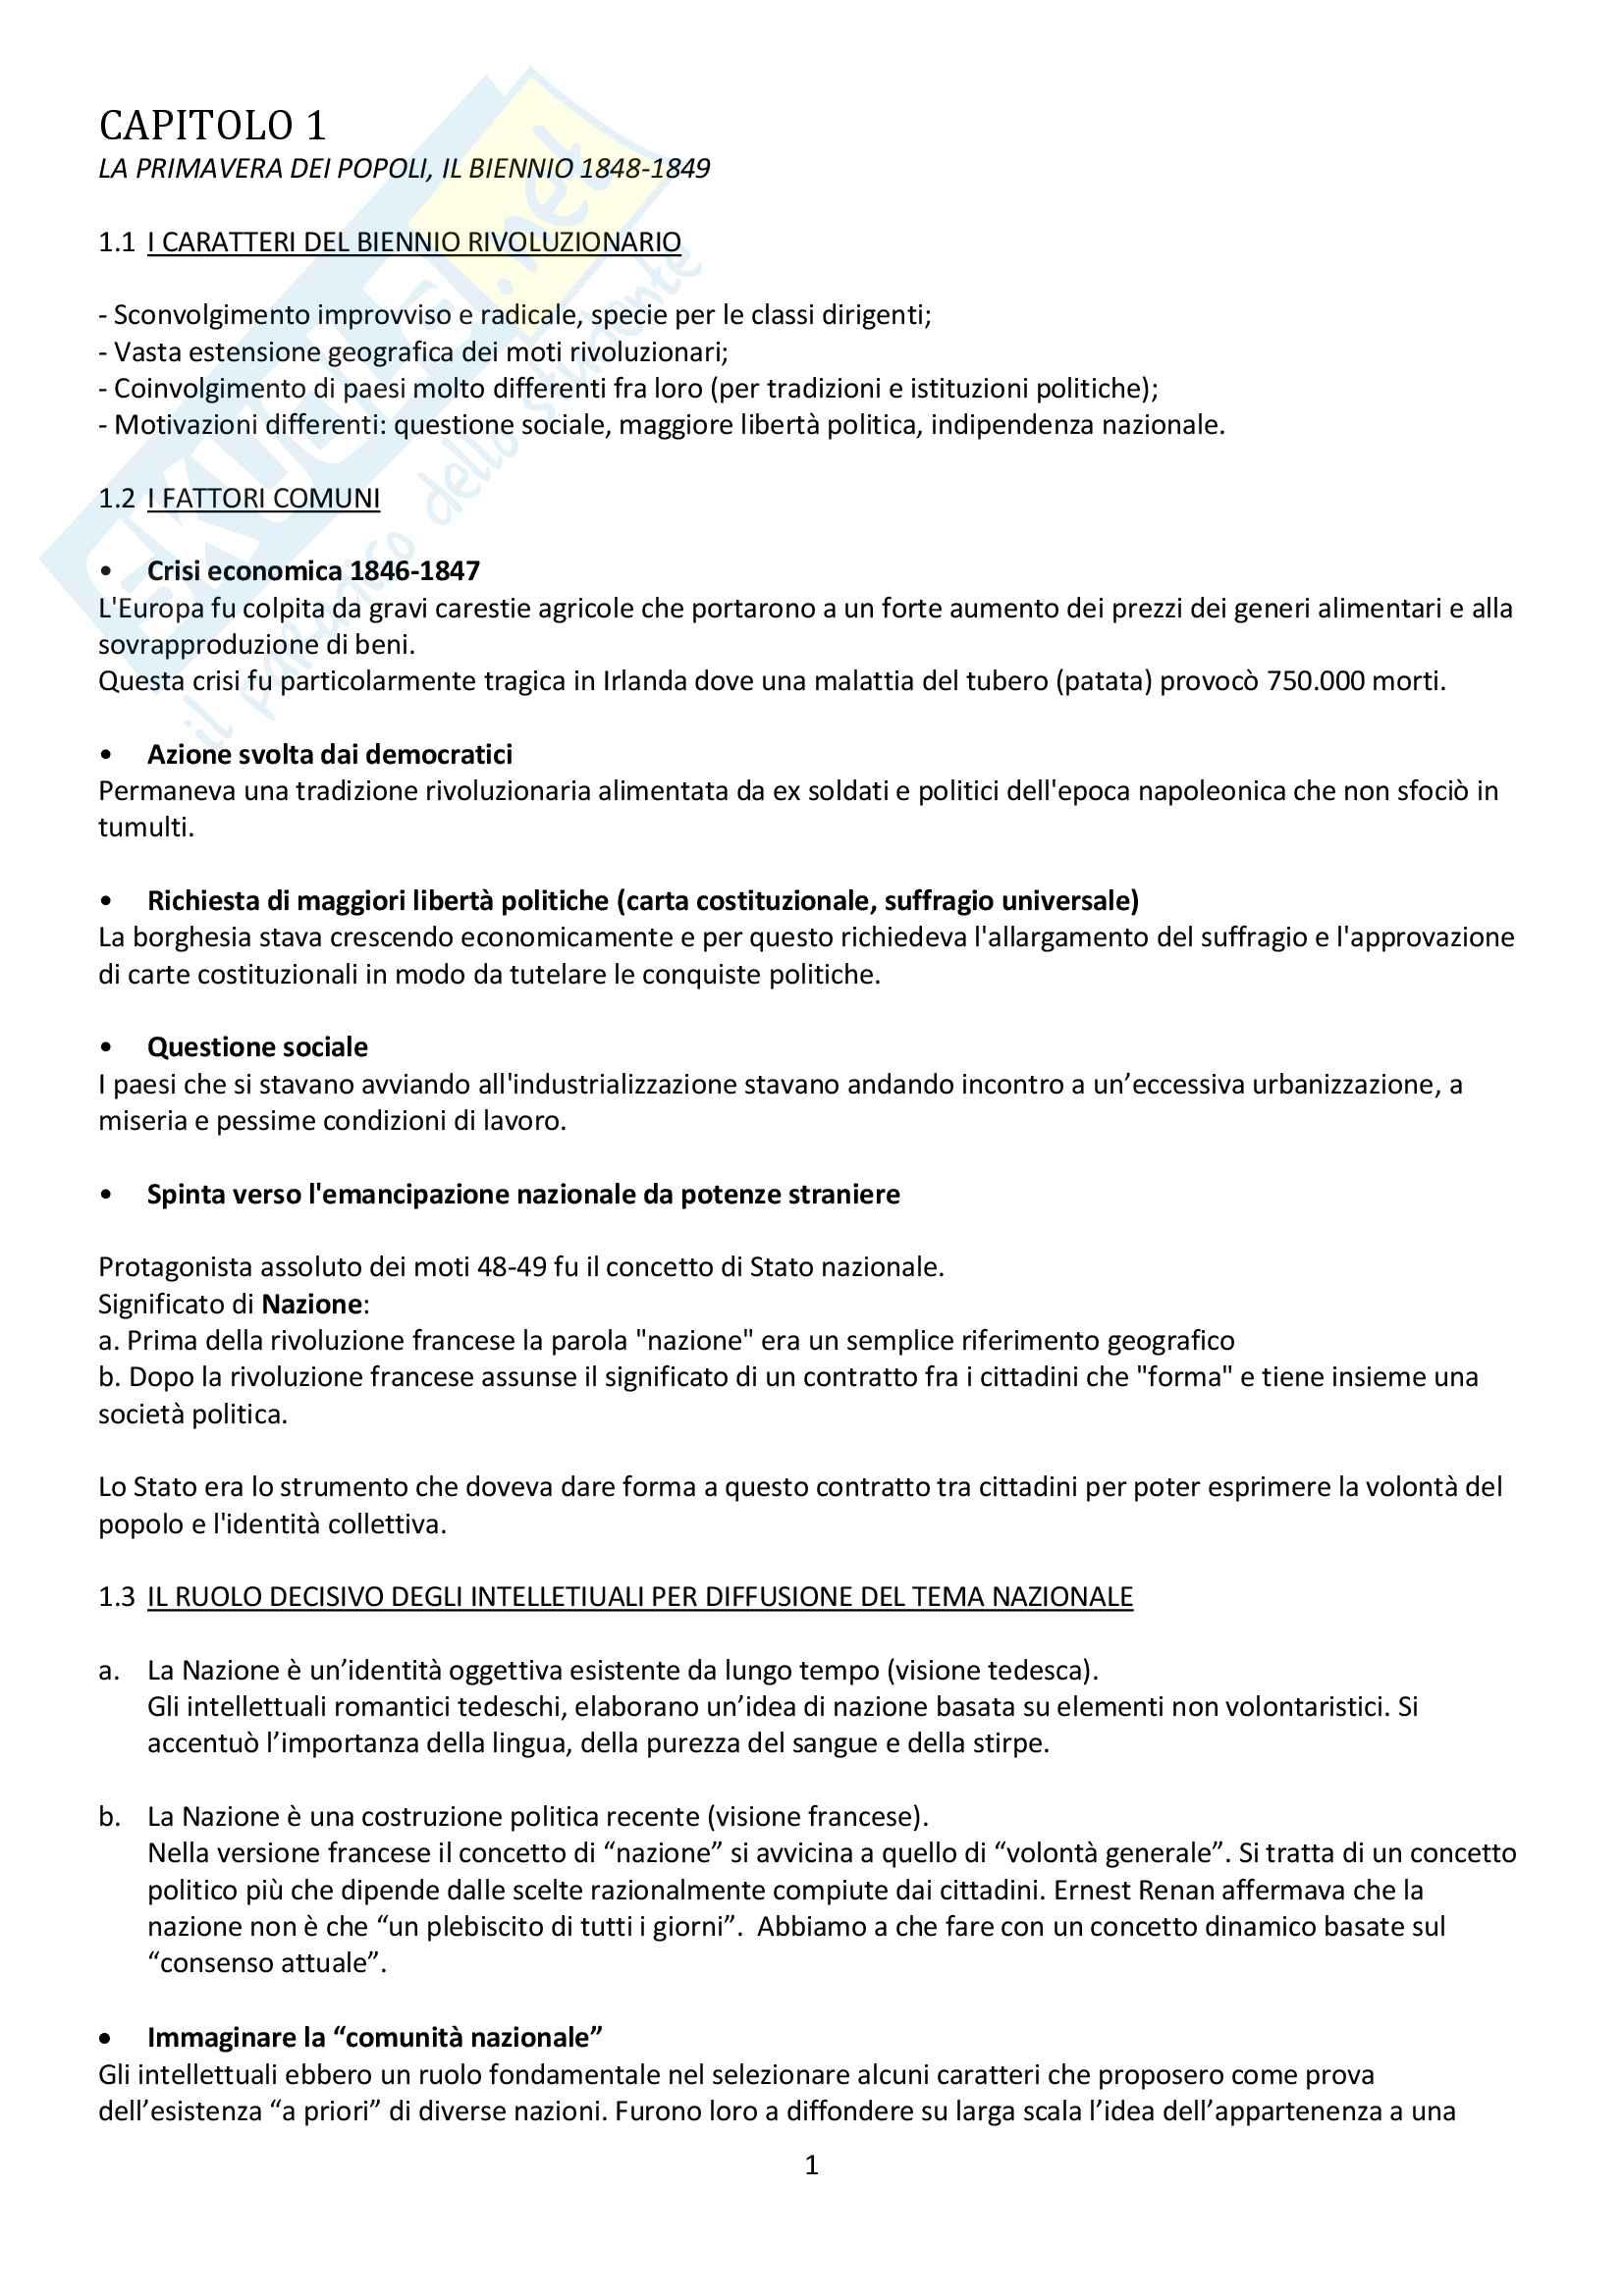 """Riassunto esame storia contemporanea, prof. Baravelli. Libro consigliato """"Venti lezioni di storia contemporanea dal 1848 ad oggi"""", Andrea Baravelli, Ilaria Cerioli"""